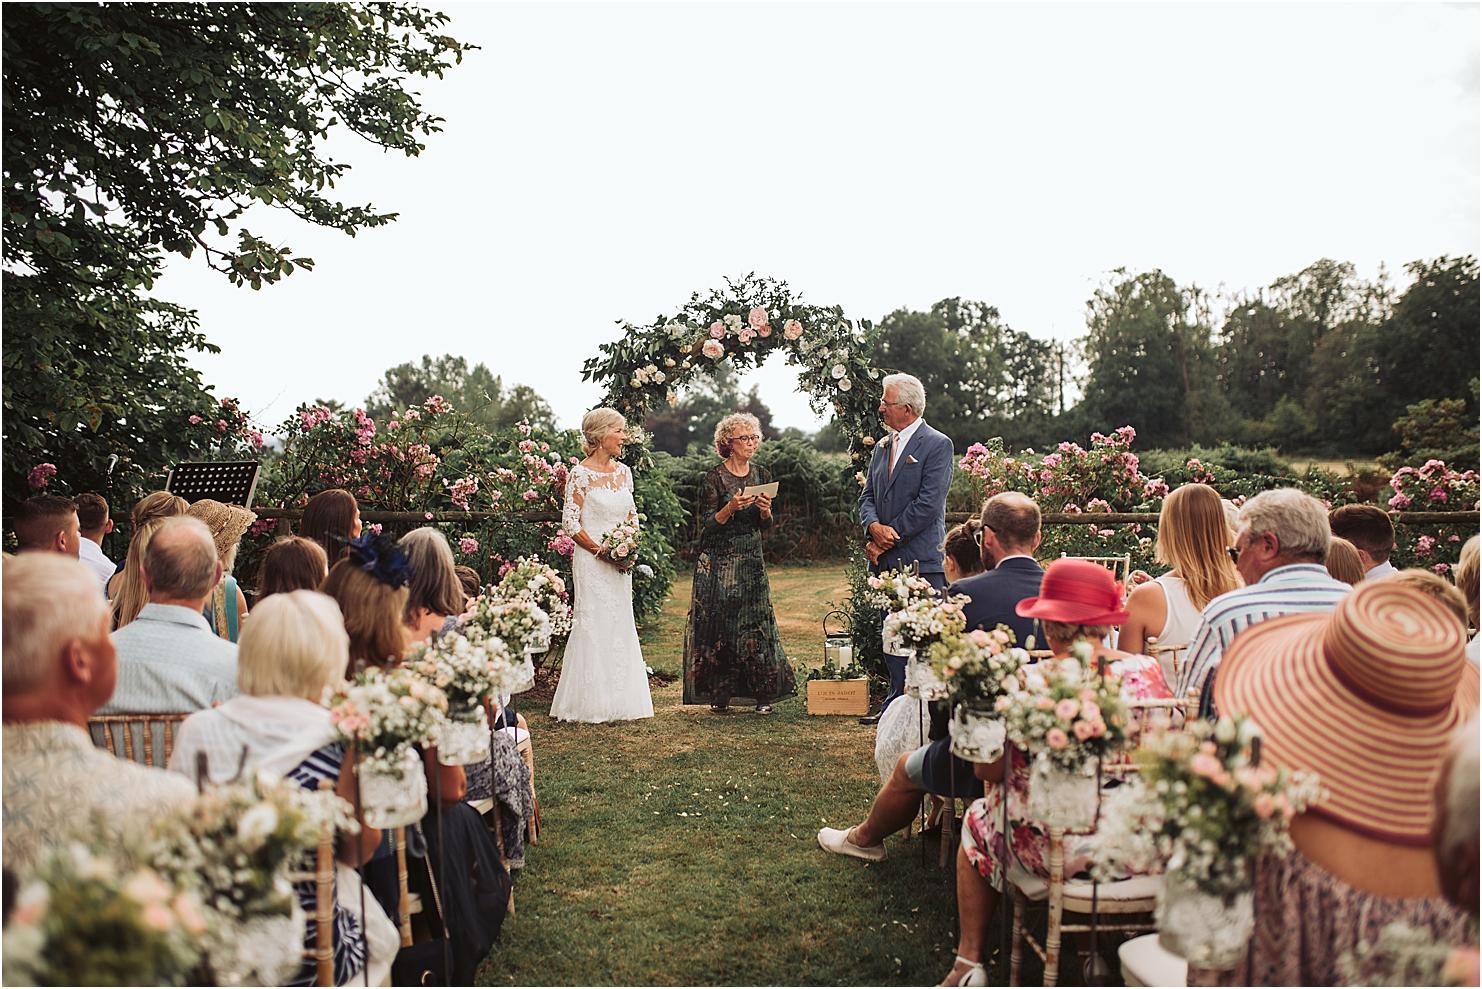 fotos de boda en exterior-24.jpg